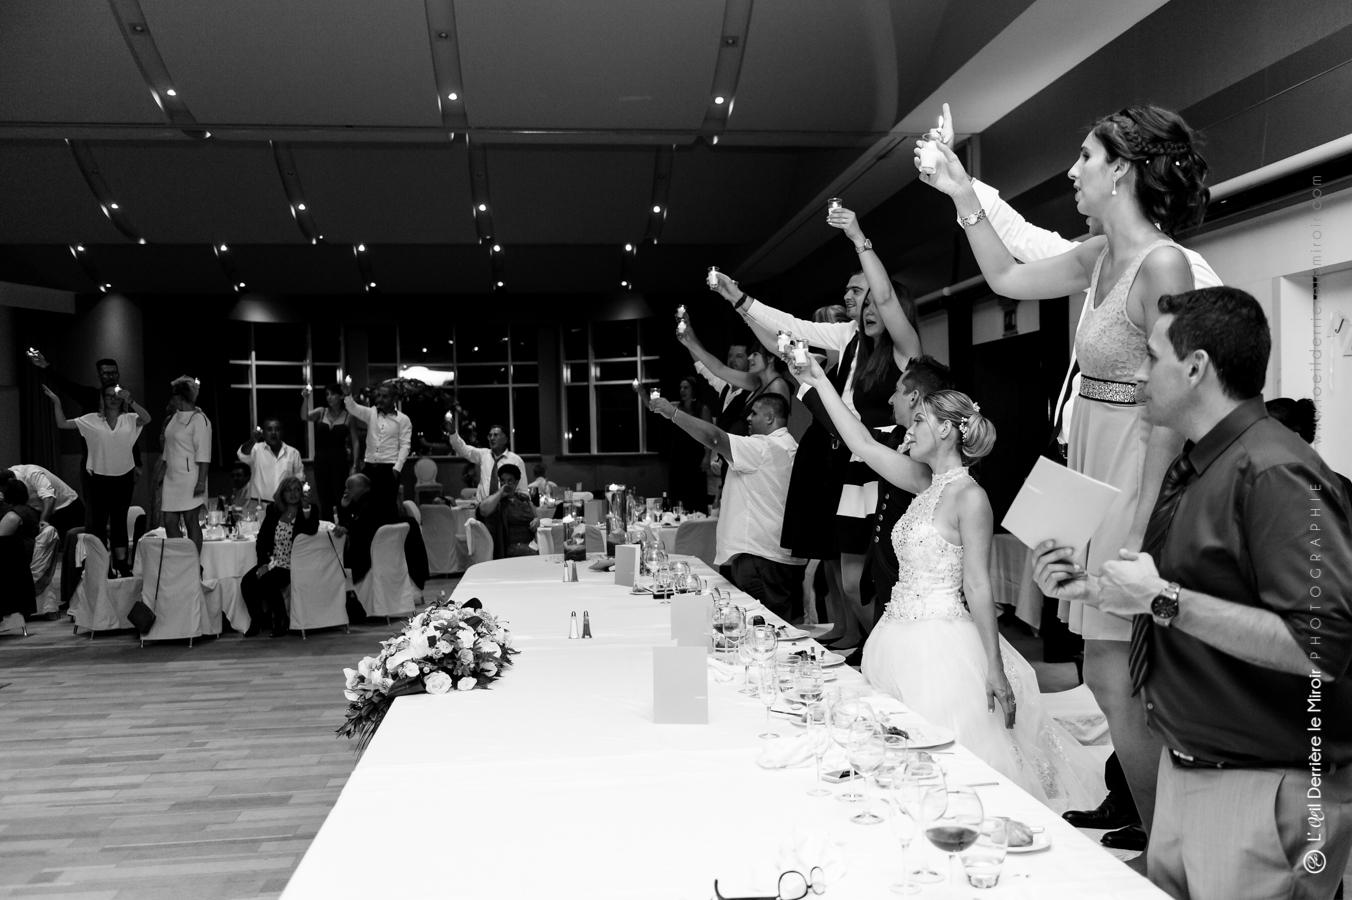 Photographe-mariage-monaco-loeilderrierelemiroir-103